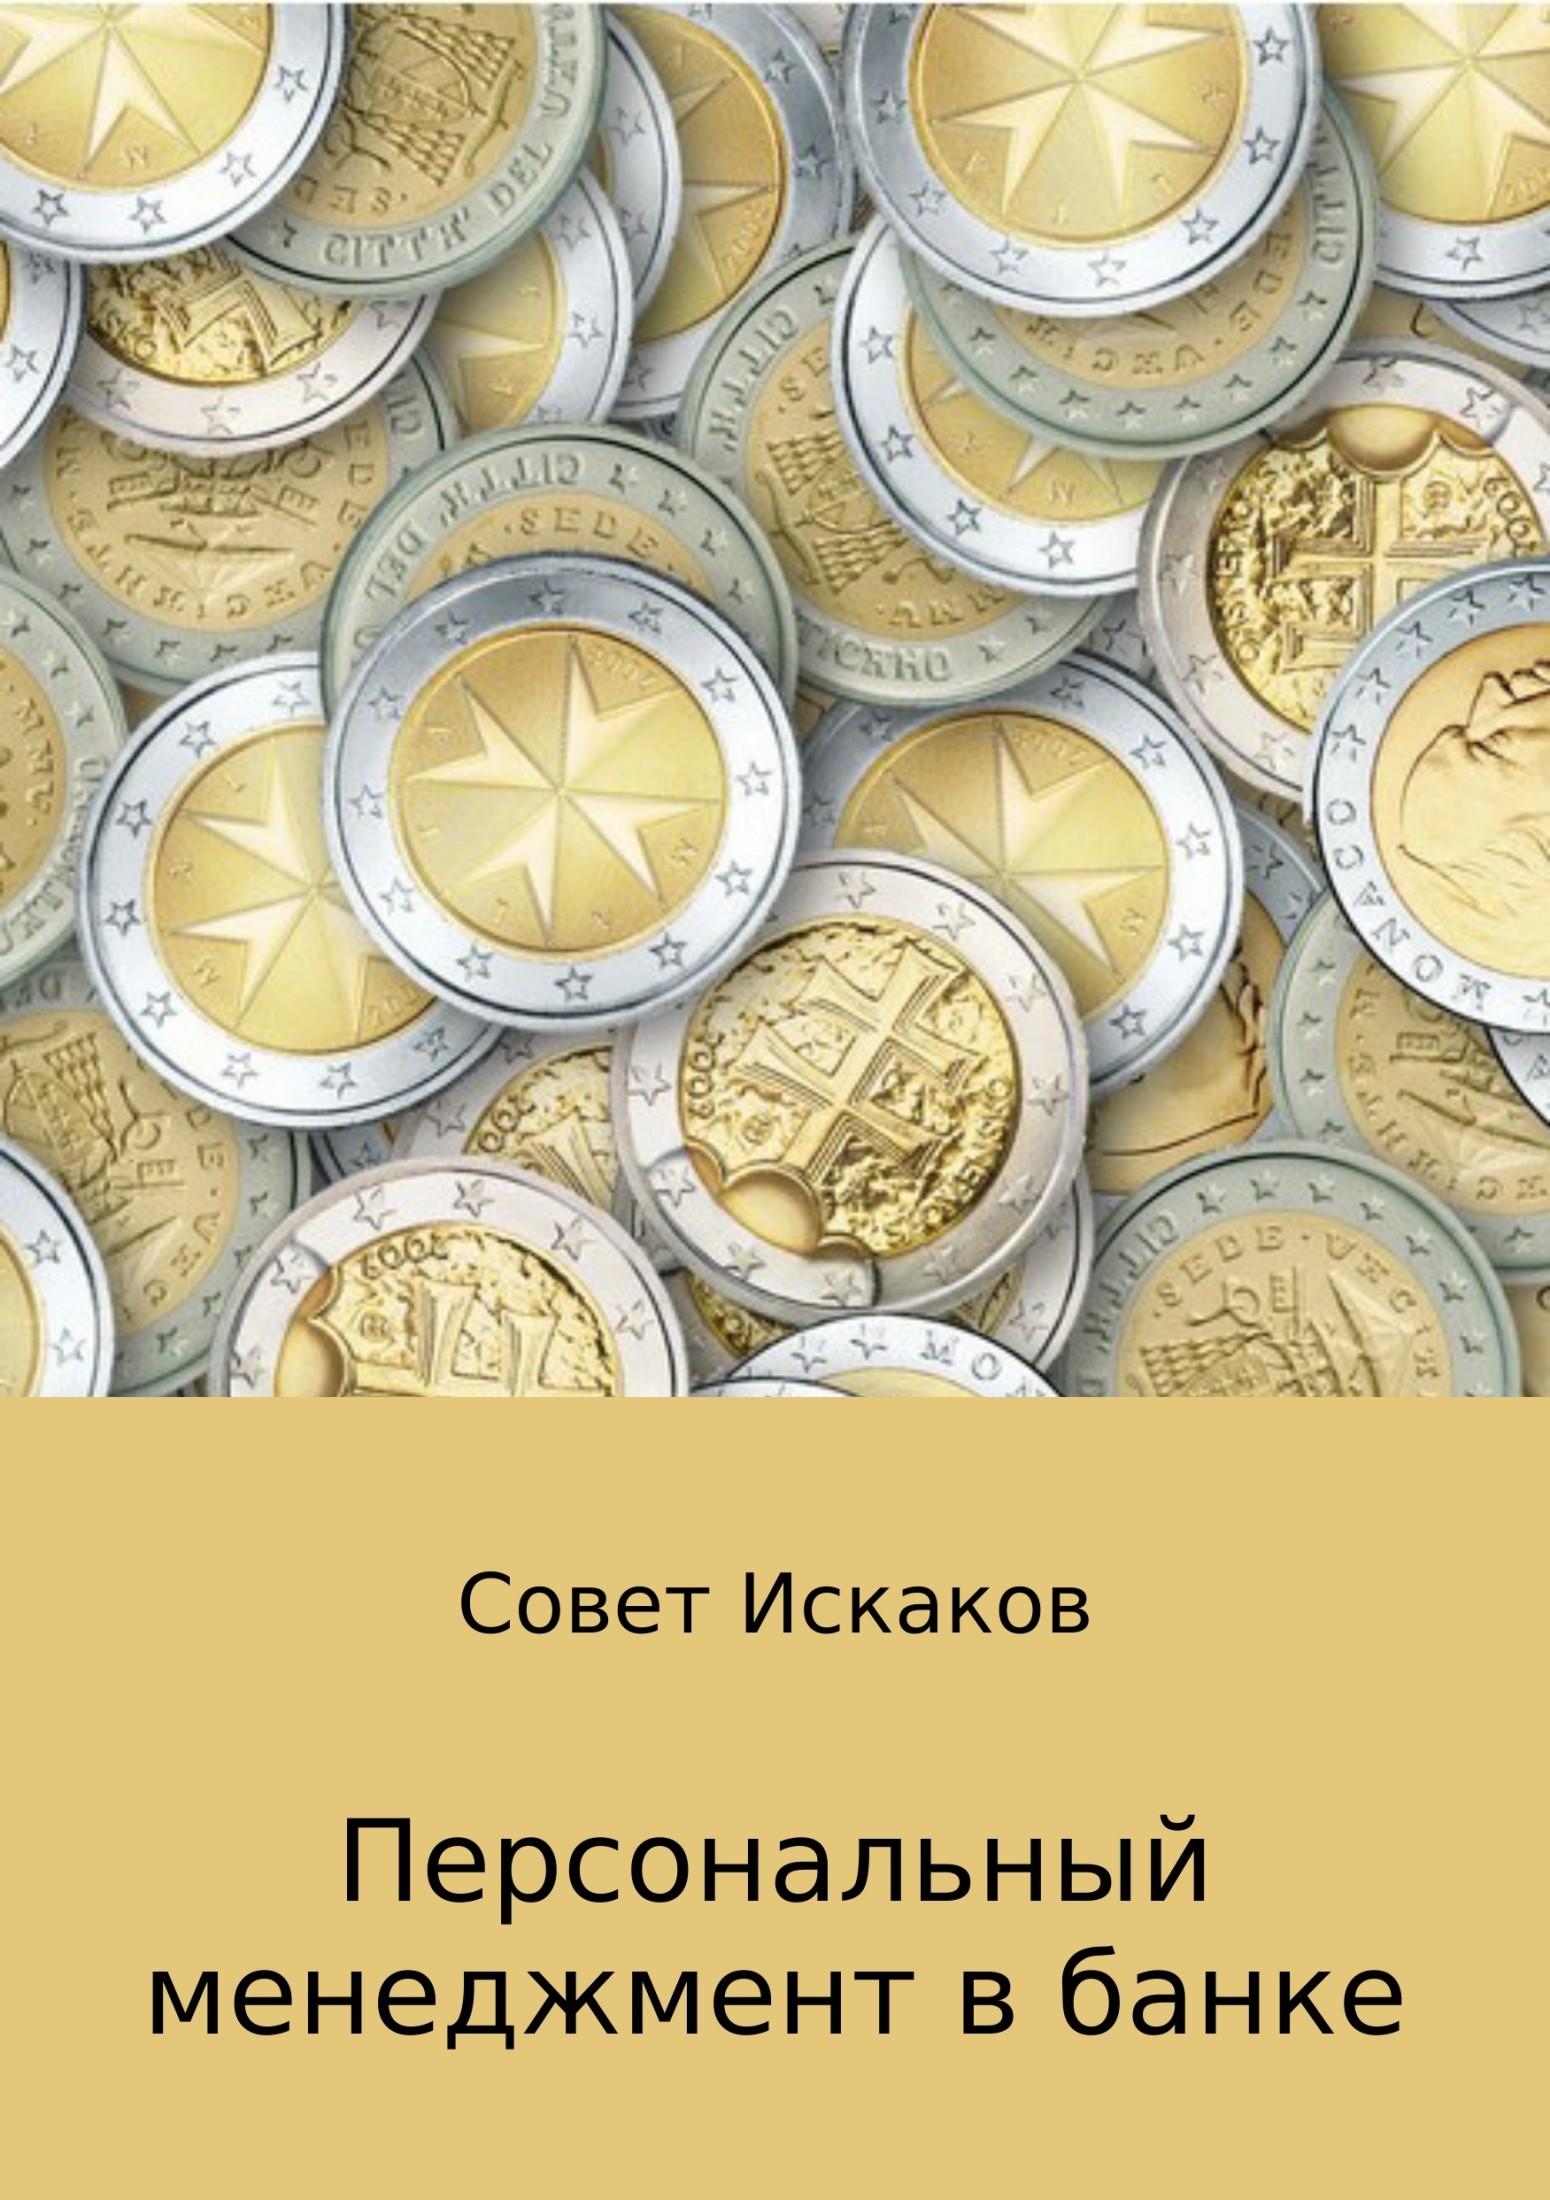 Совет Николаевич Искаков бесплатно